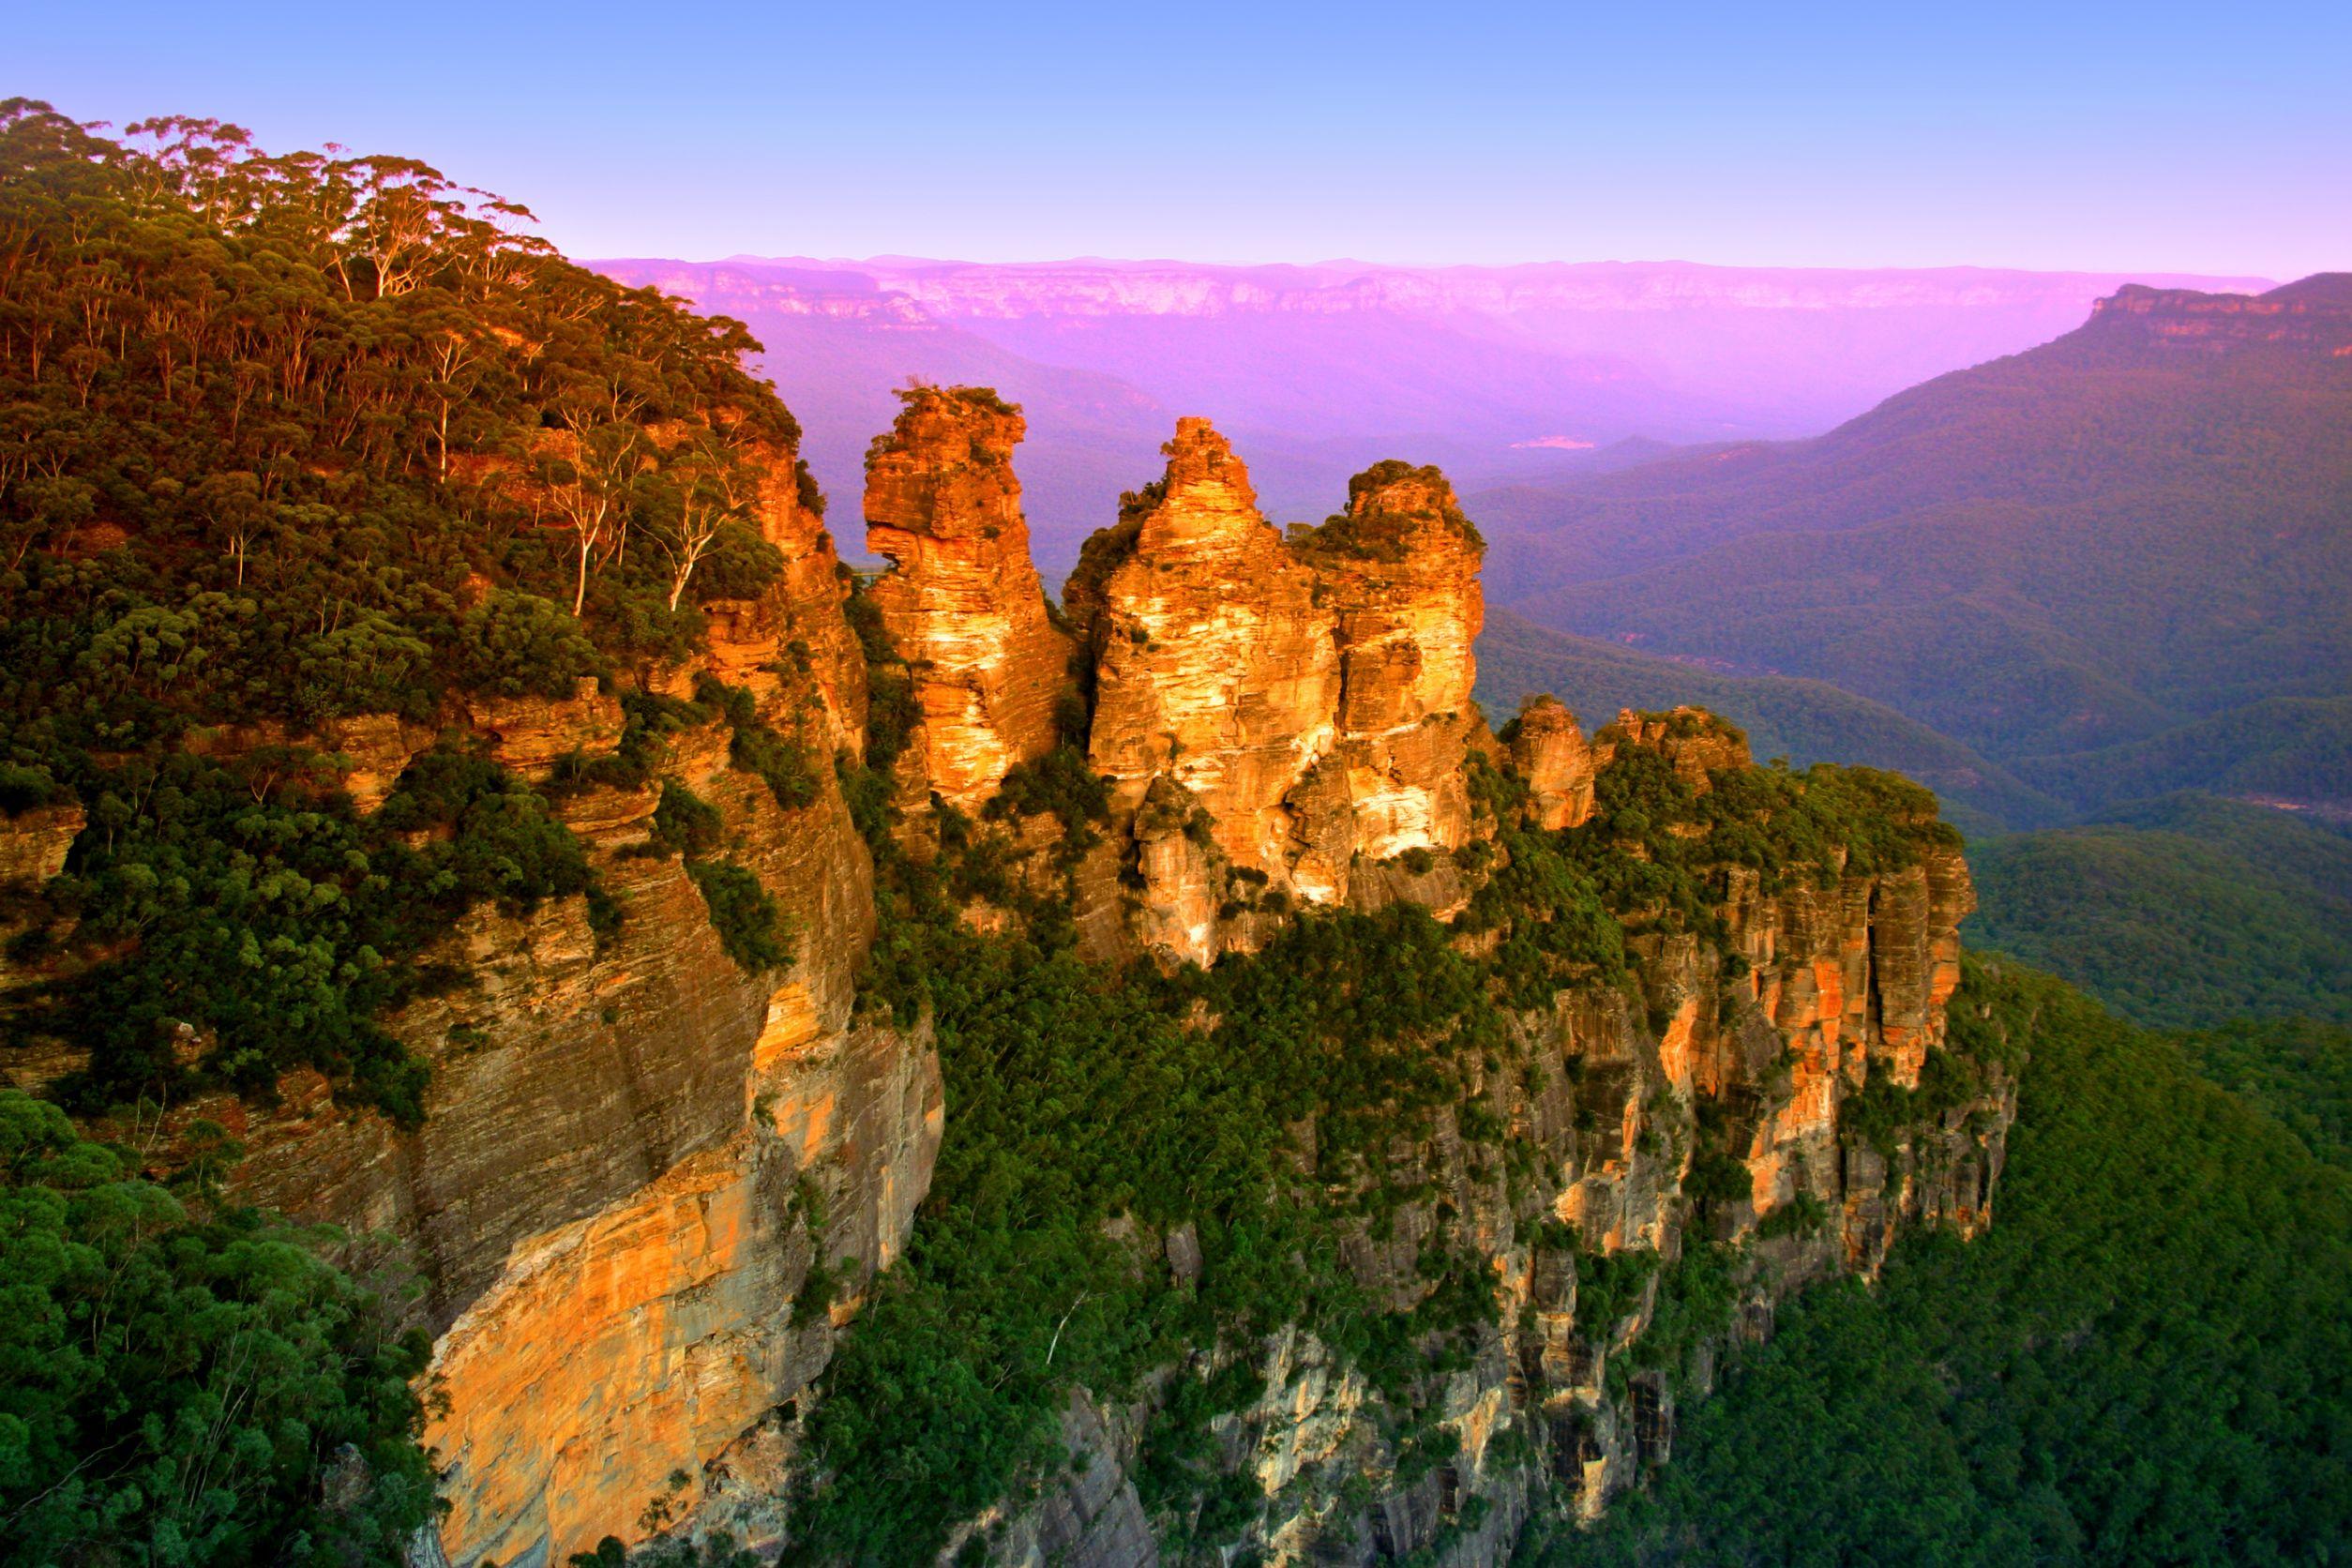 الحديقة الوطنية الجبال الزرقاء سيدني